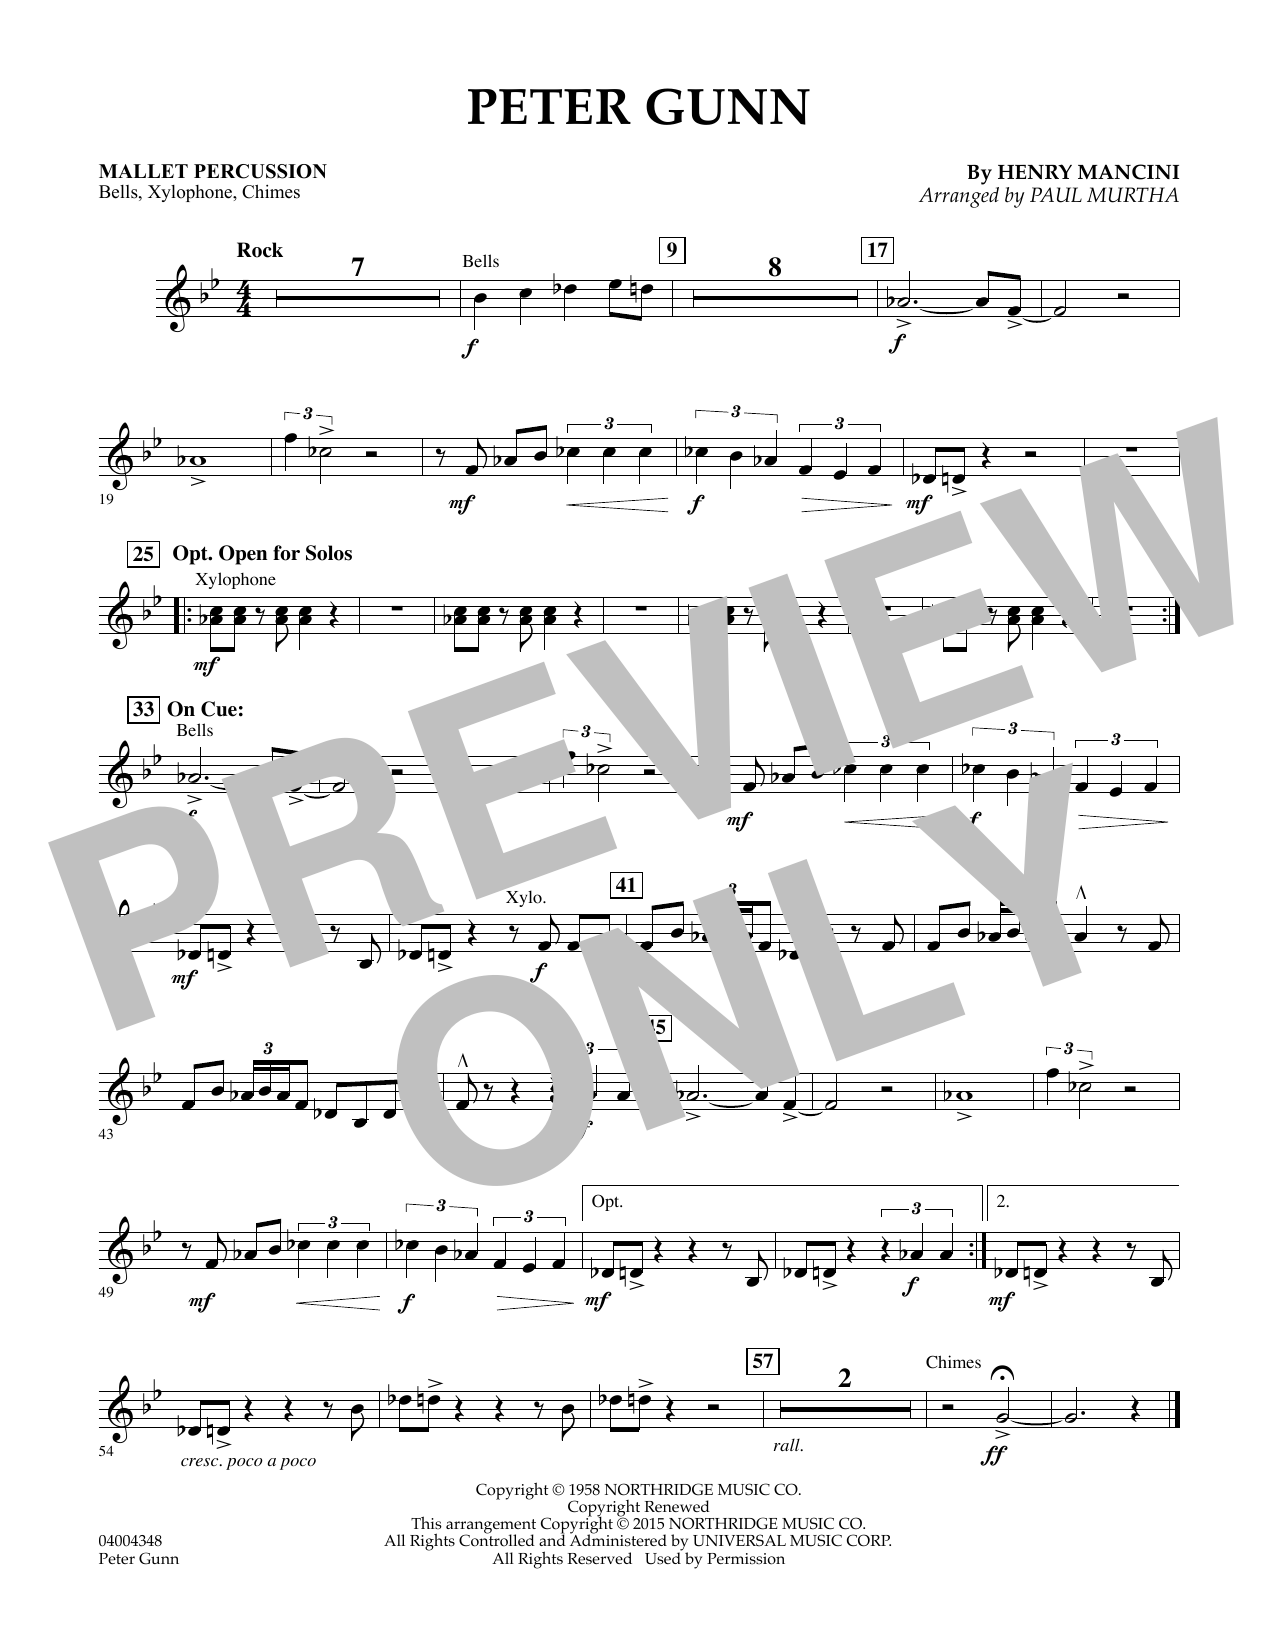 Peter Gunn - Mallet Percussion (Flex-Band)